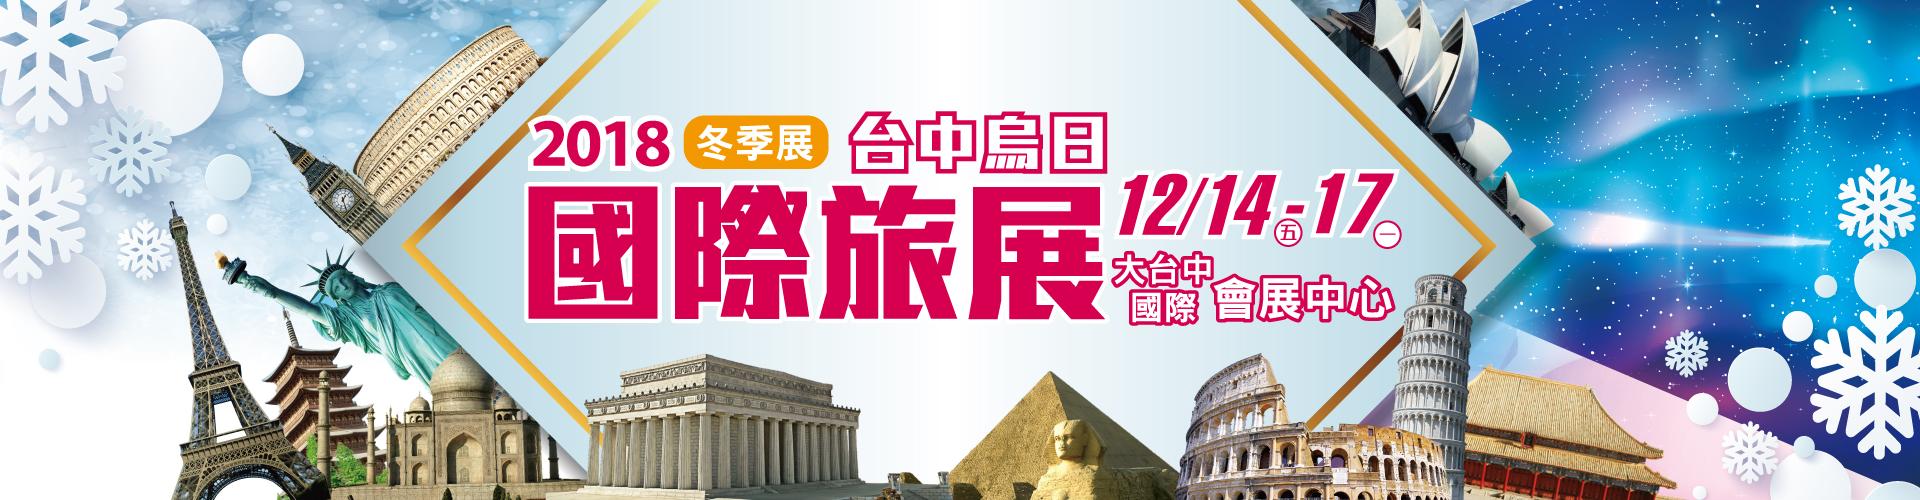 2018台中烏日國際旅展-冬季展